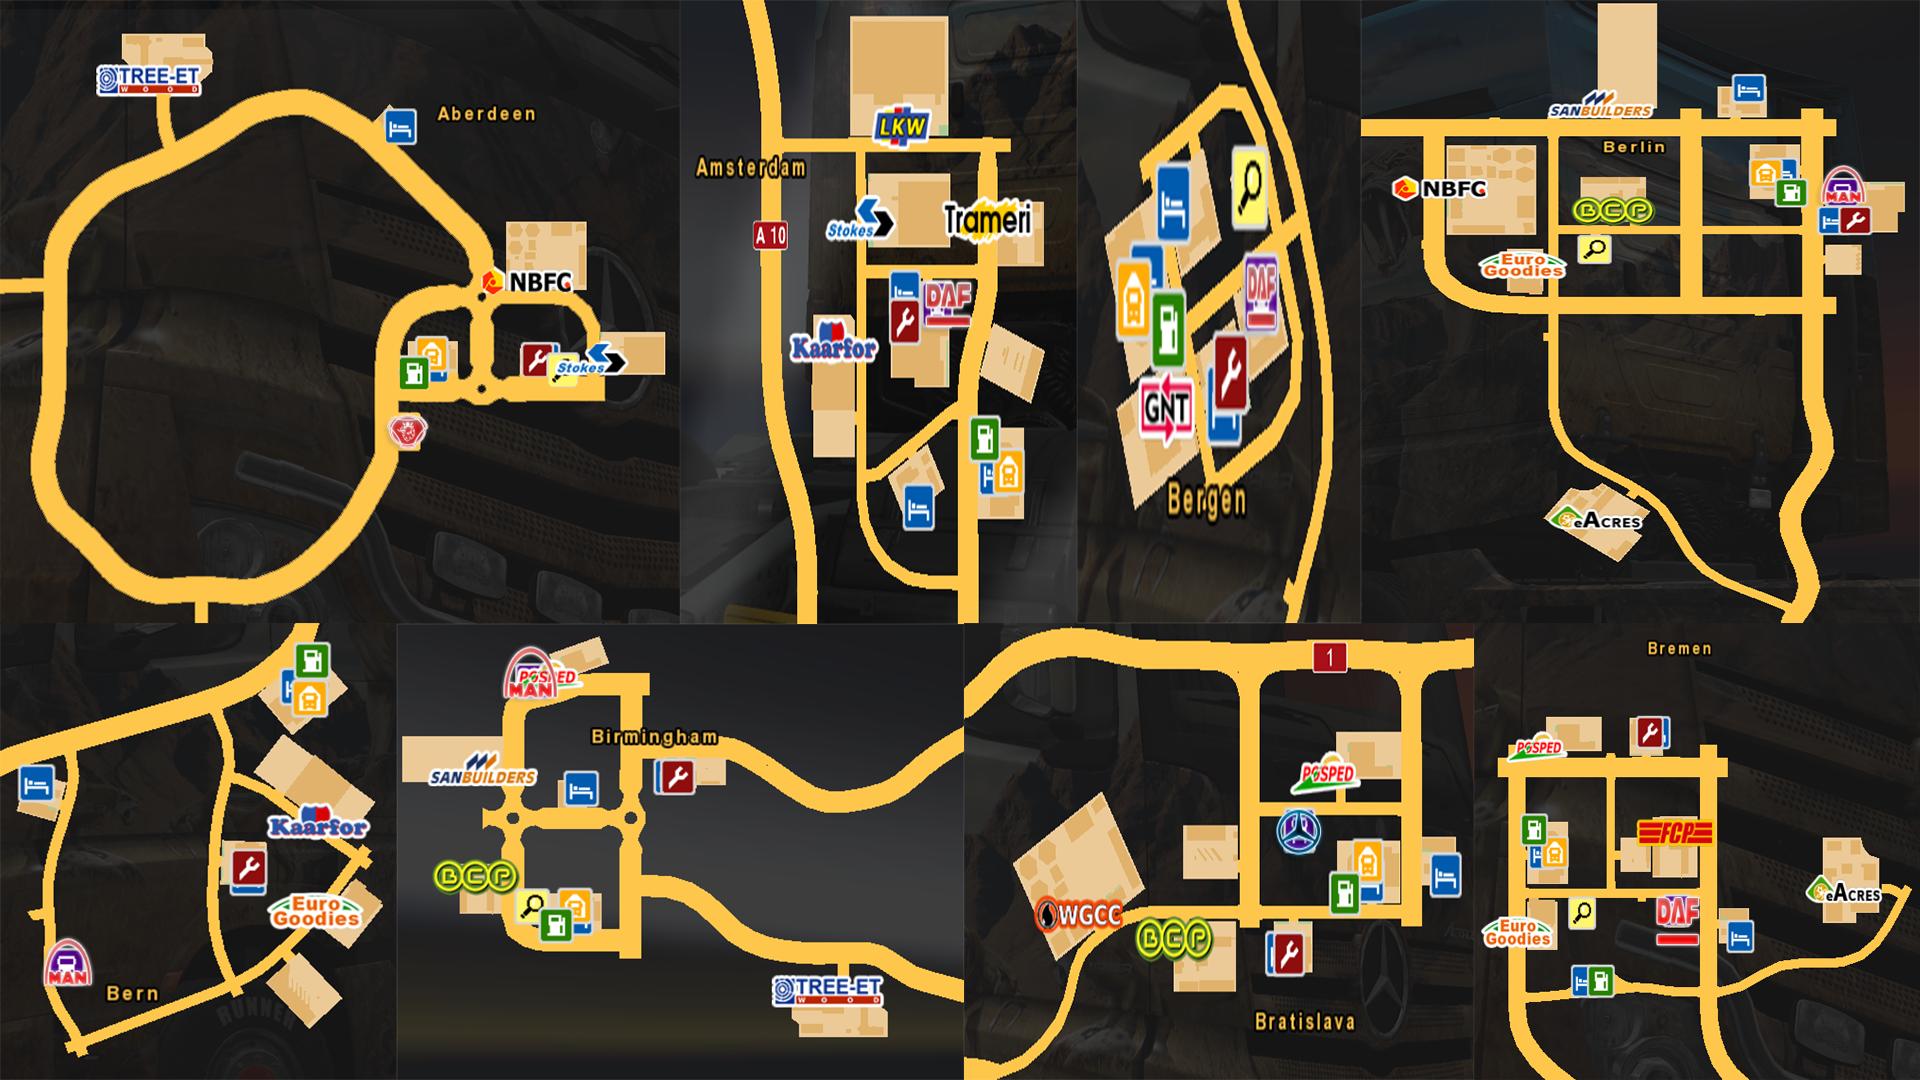 tır galerilerinin harita Üzerindeki yerleri   world of trucks